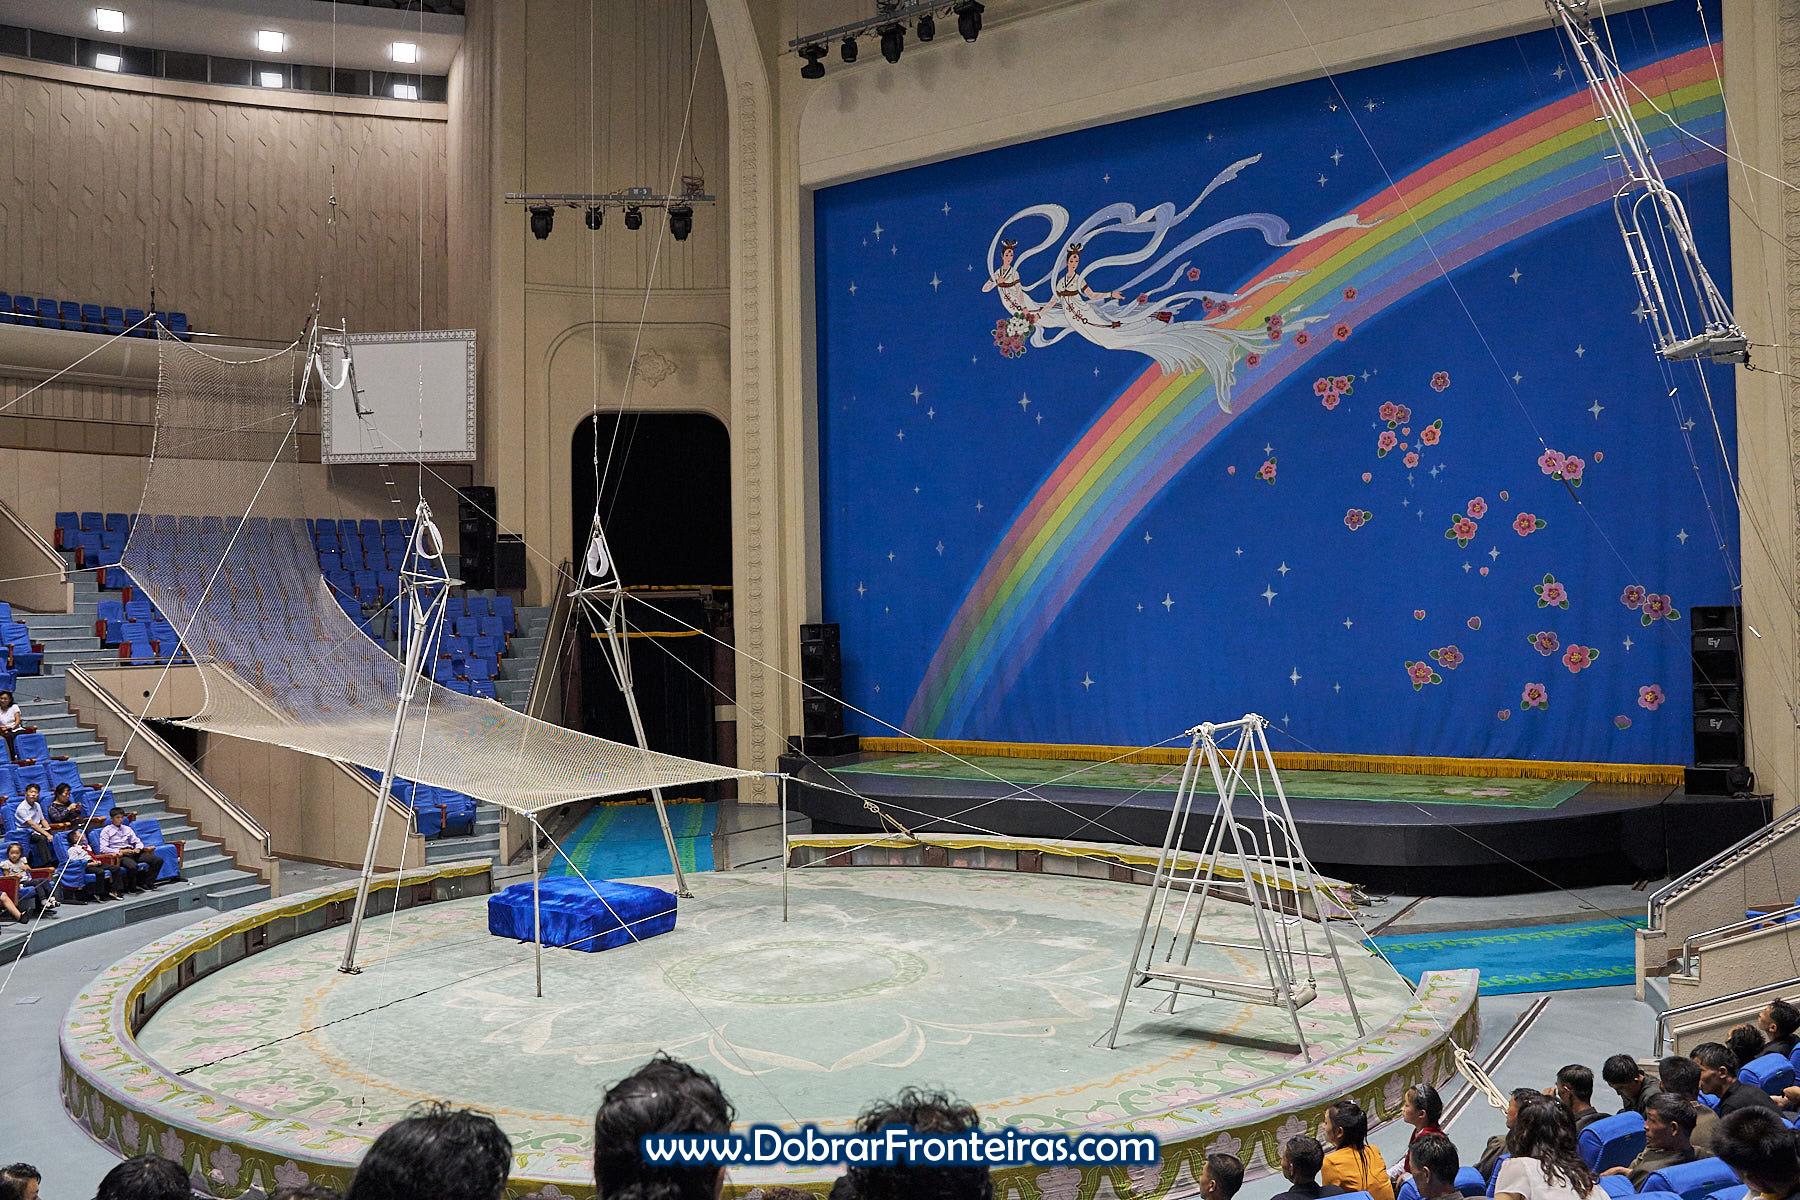 Arena do circo de Pyongyang